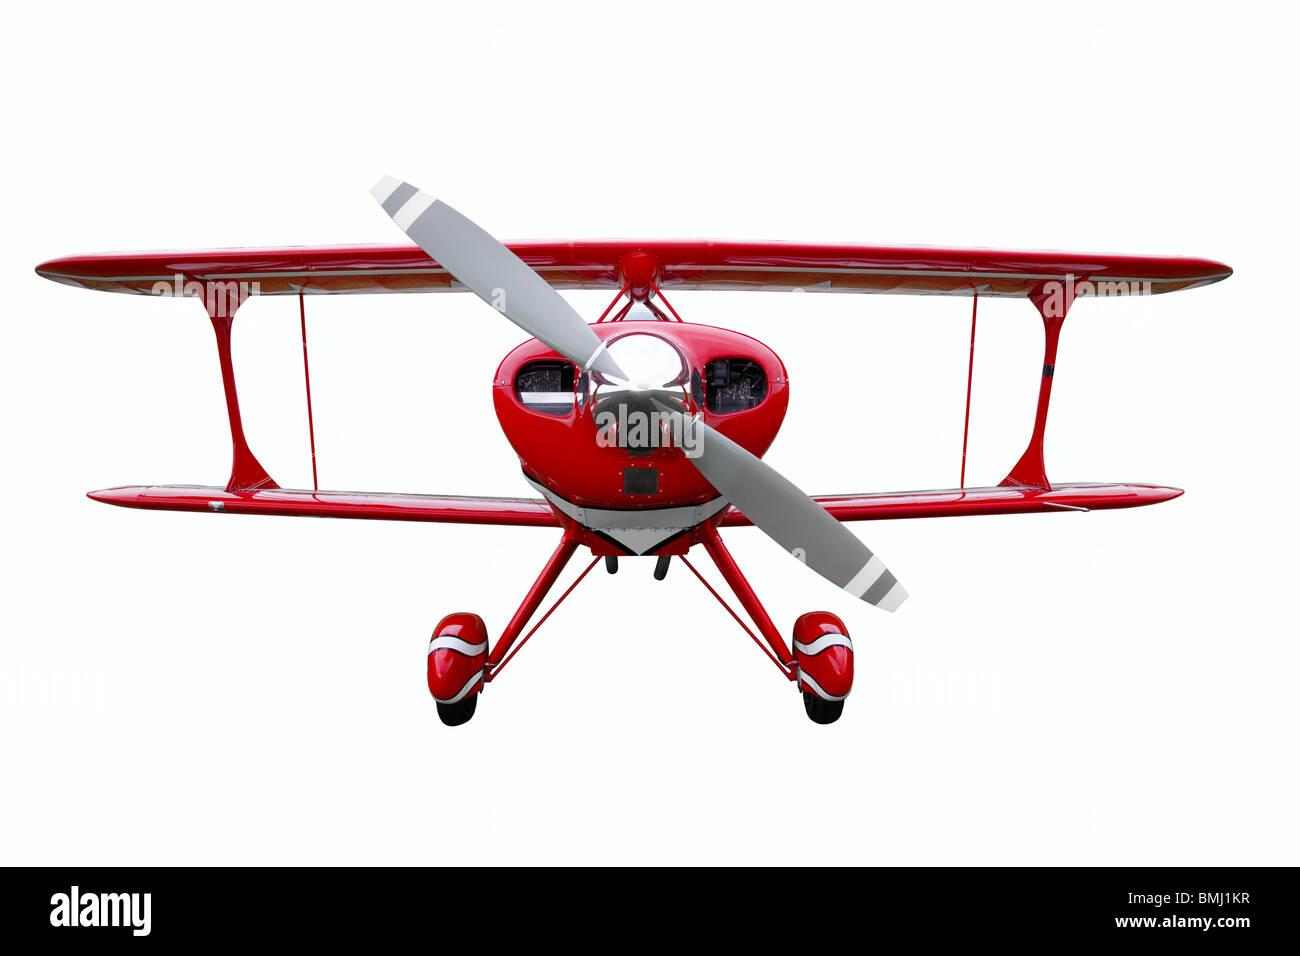 Un biplano rosso isolato su uno sfondo bianco. Immagini Stock